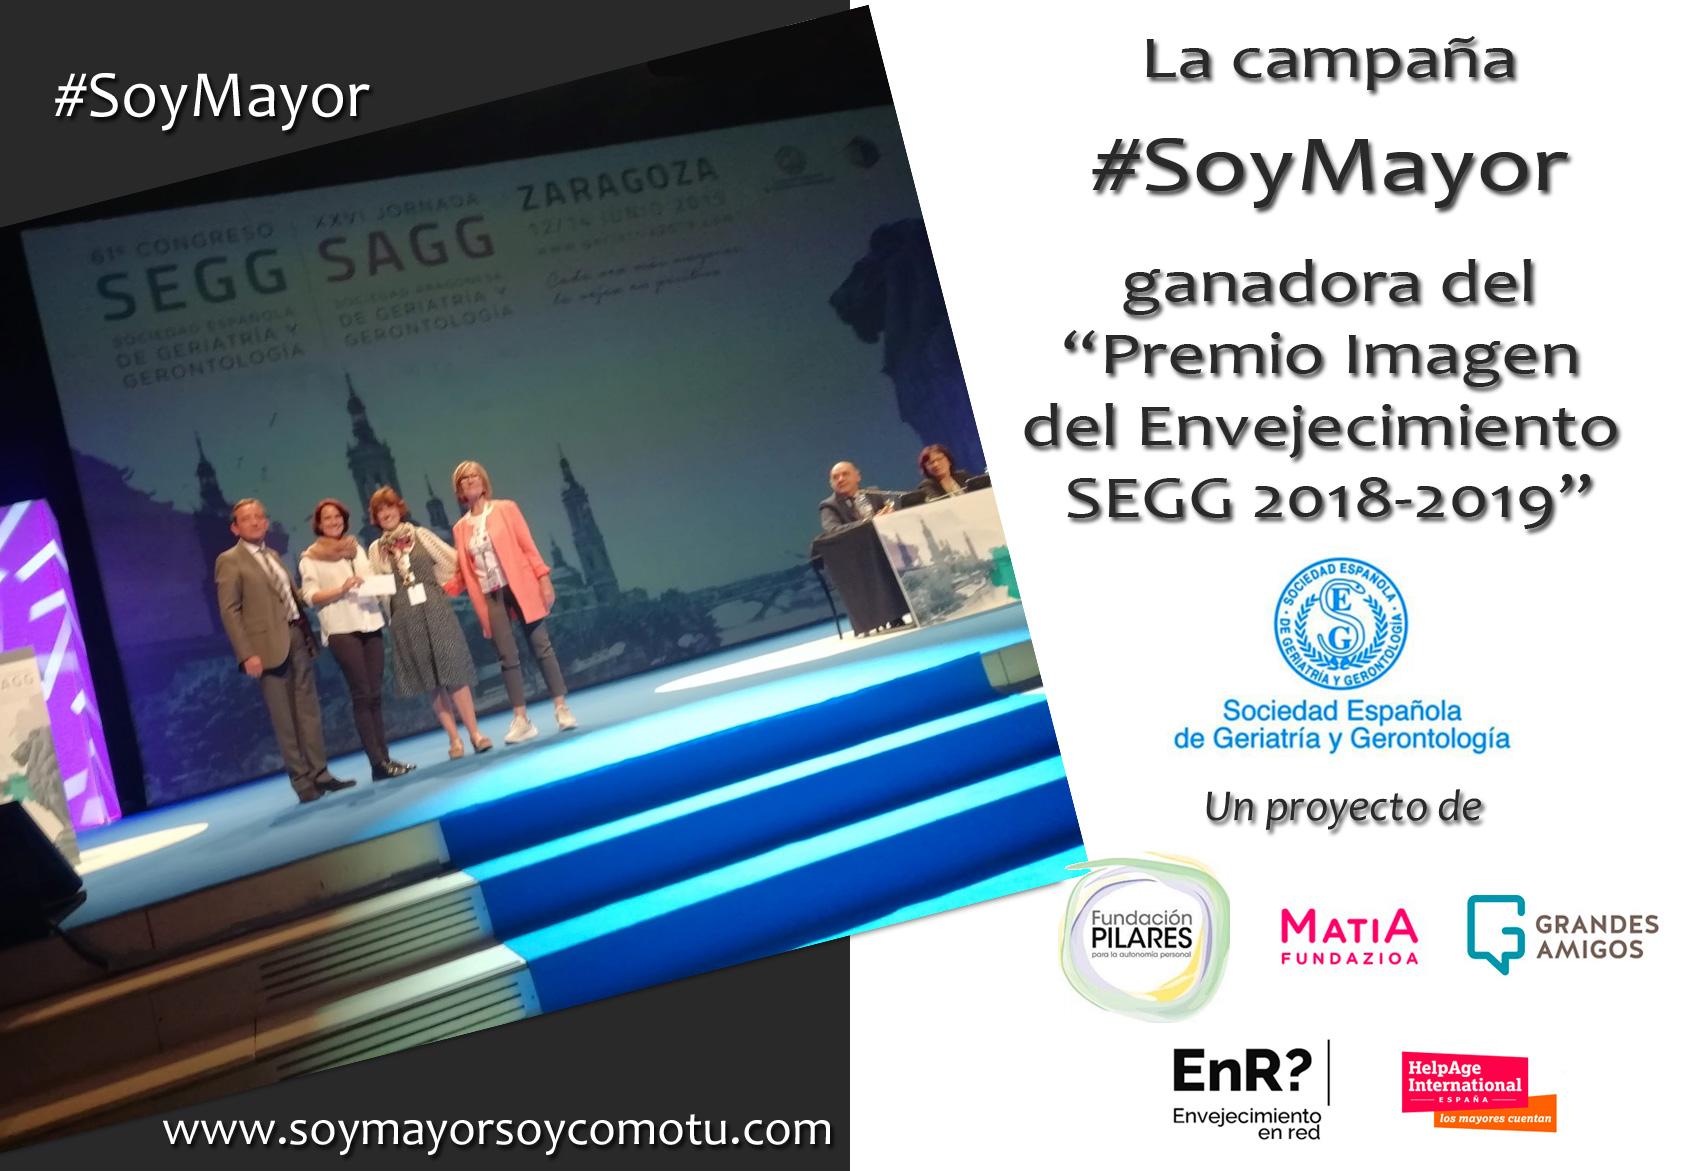 """La campaña """"SoyMayor"""", en la que participa Envejecimiento en red, ganadora del Premio a la nueva imagen del Envejecimiento"""